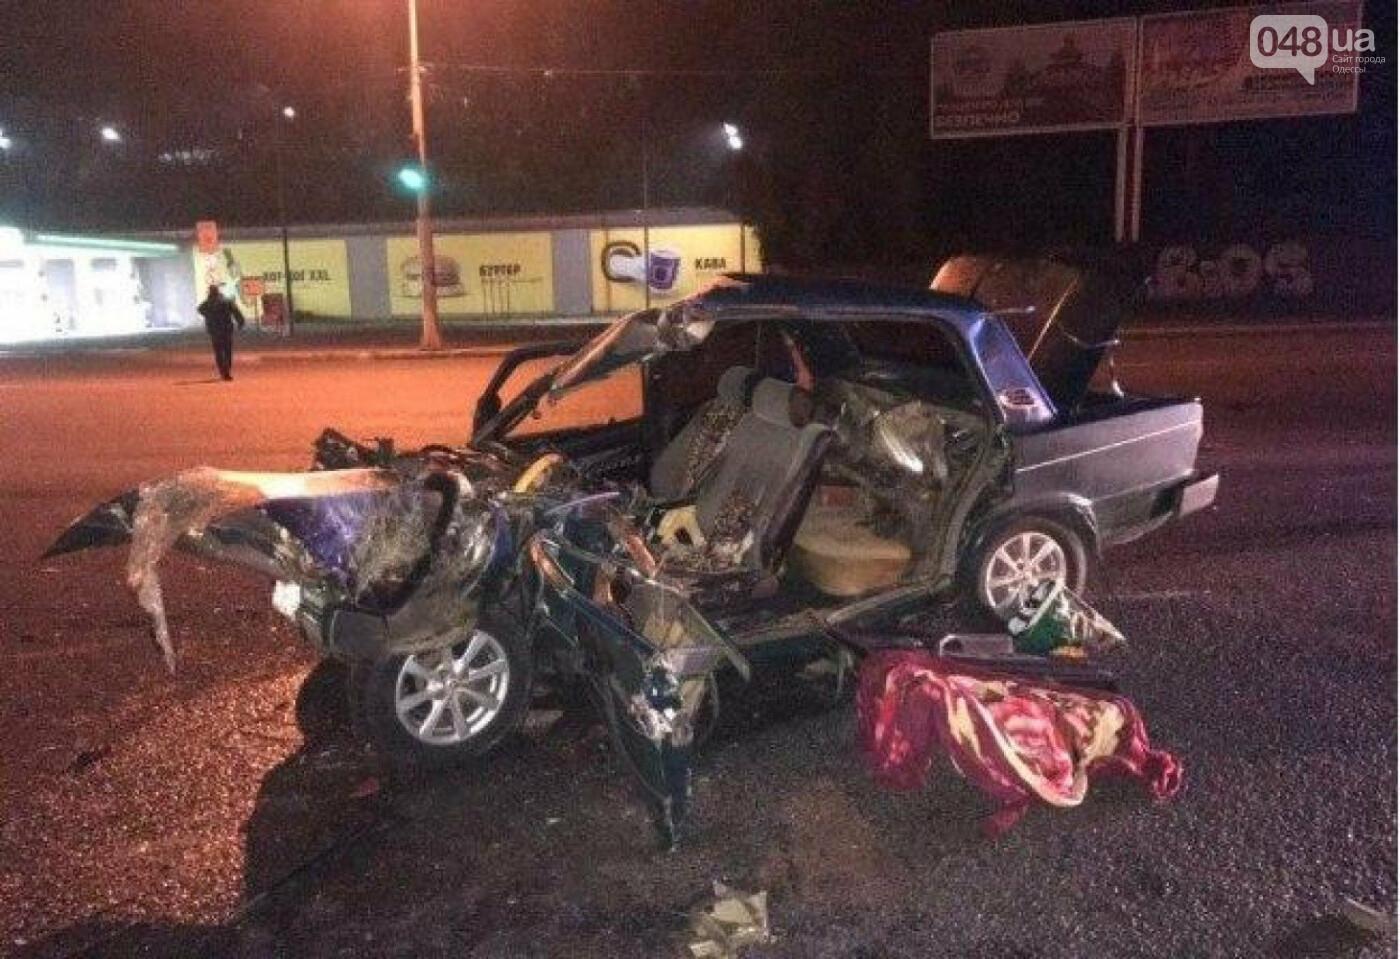 Ночное ДТП в Одессе: водителя извлекали из автомобиля спасатели, - ФОТО, фото-1